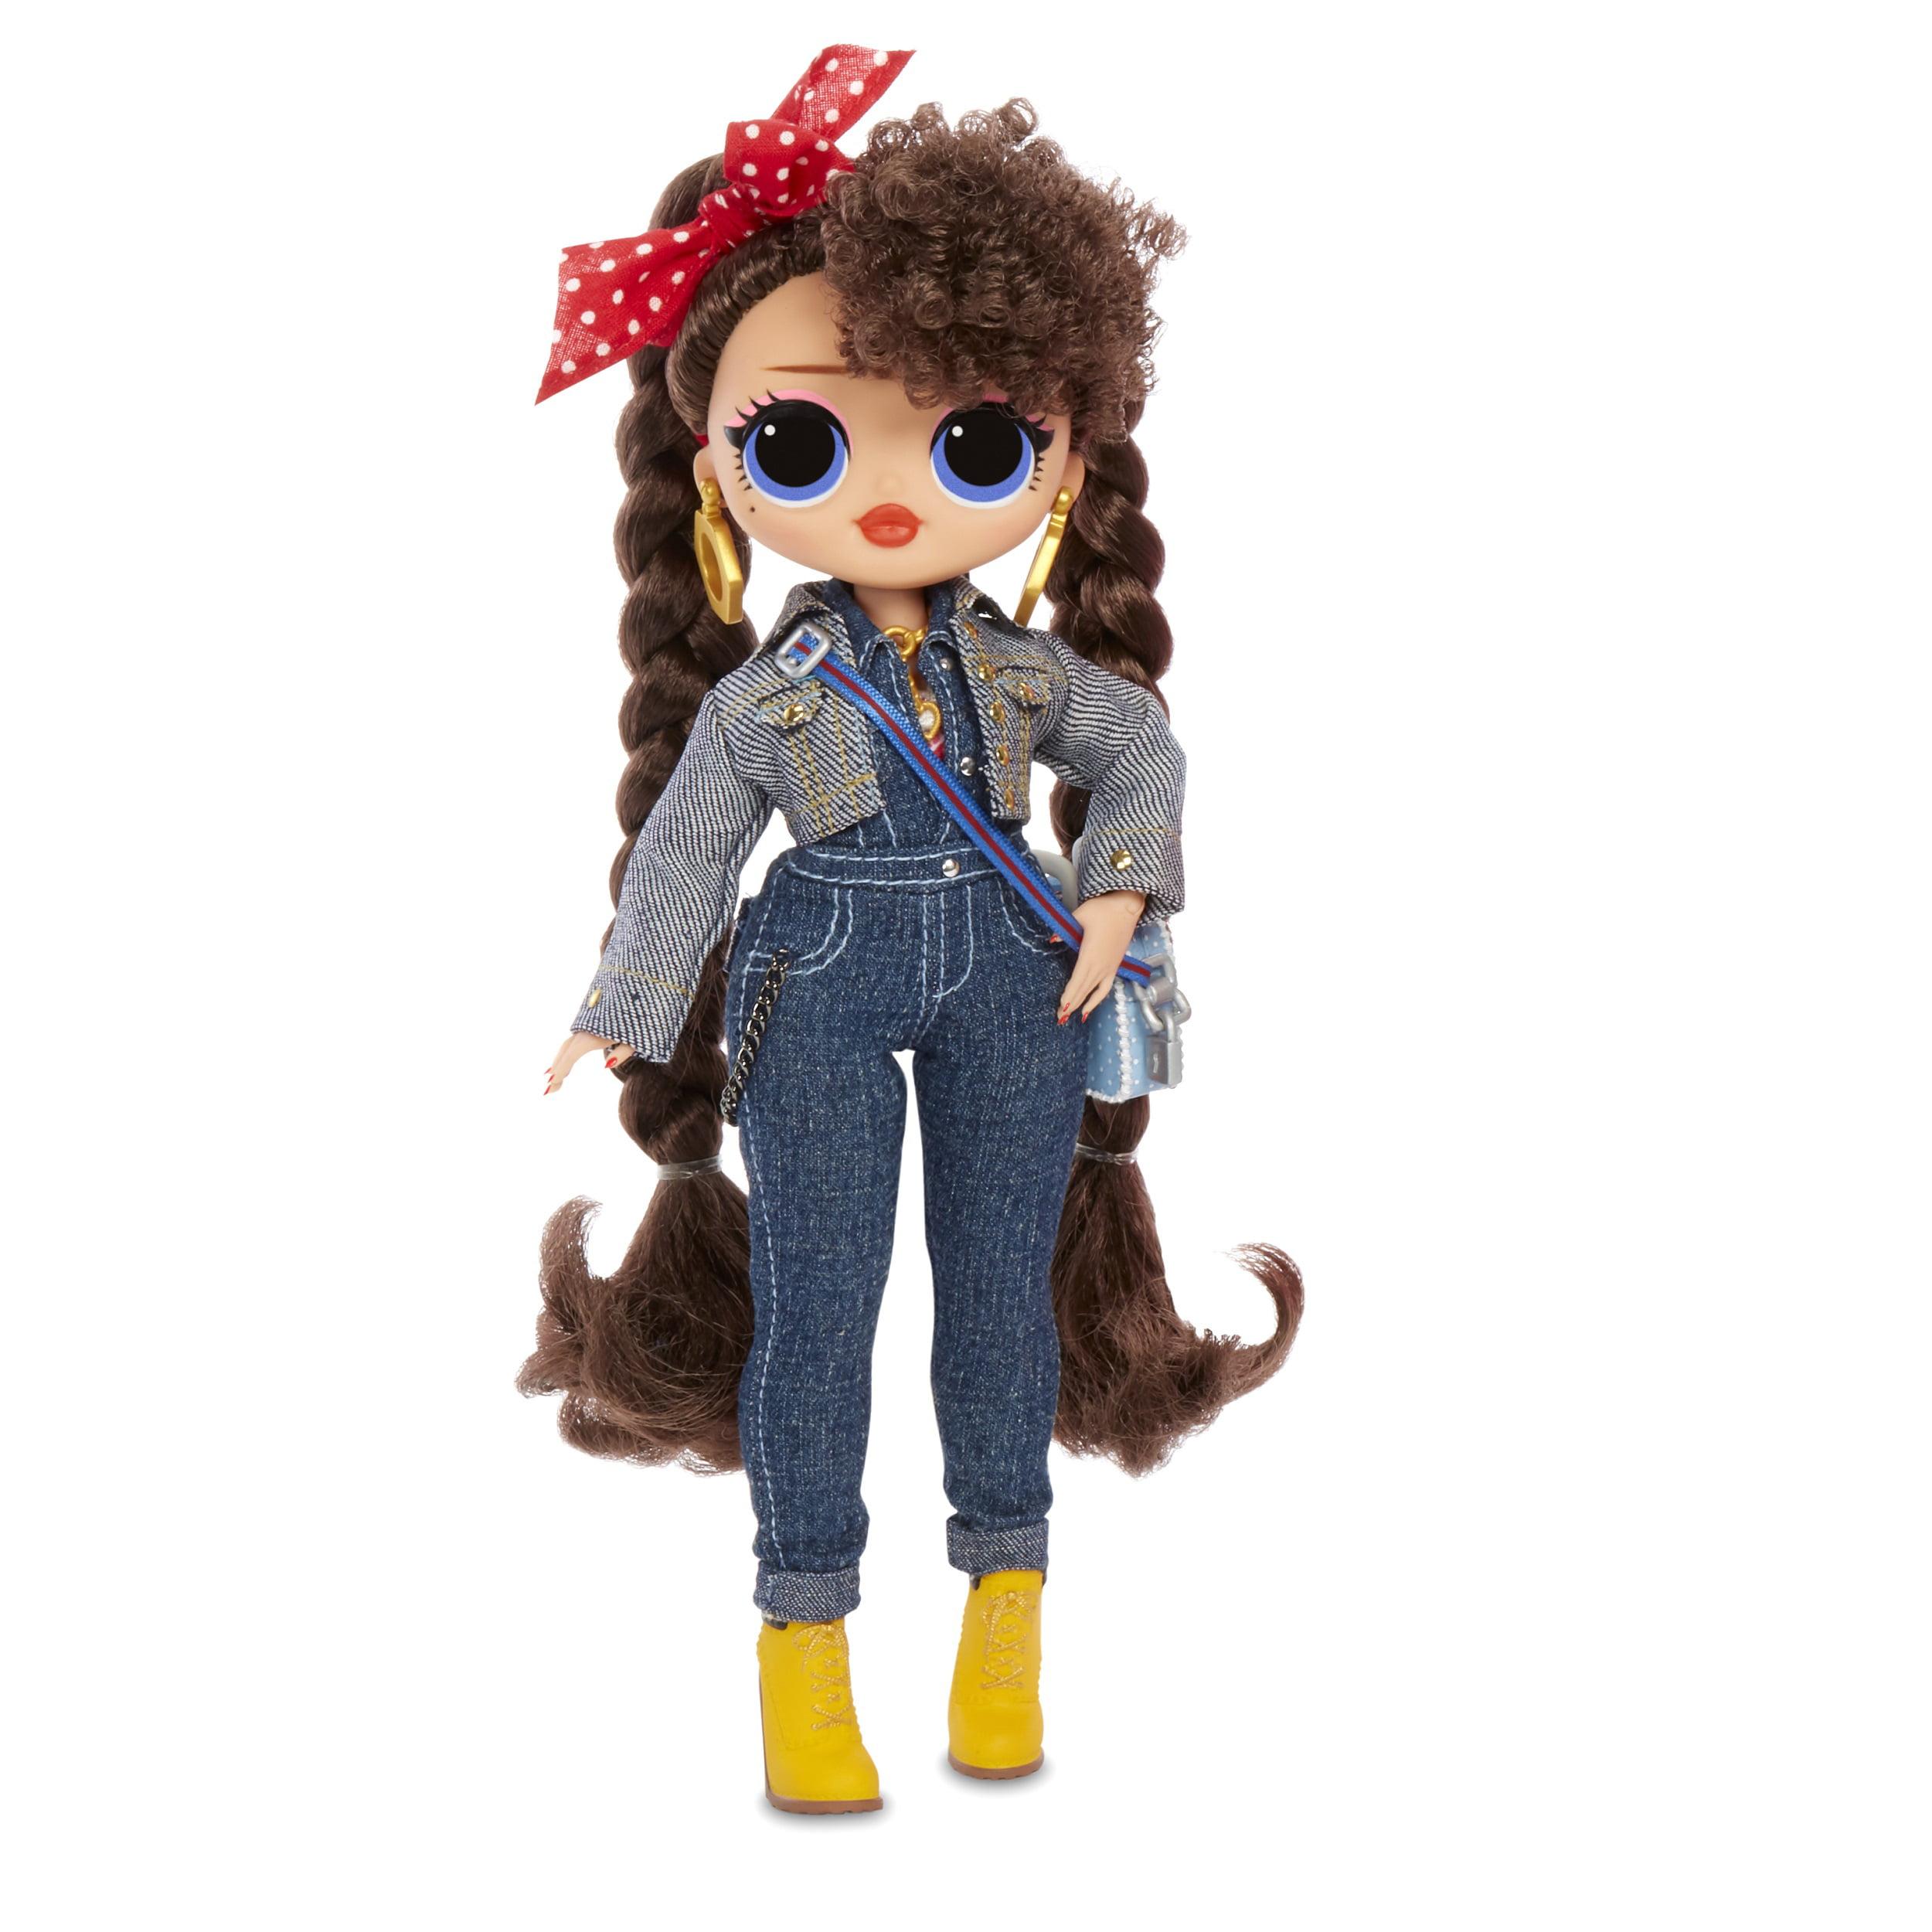 L O L Surprise O M G Busy B B Fashion Doll With 20 Surprises Walmart Com Walmart Com